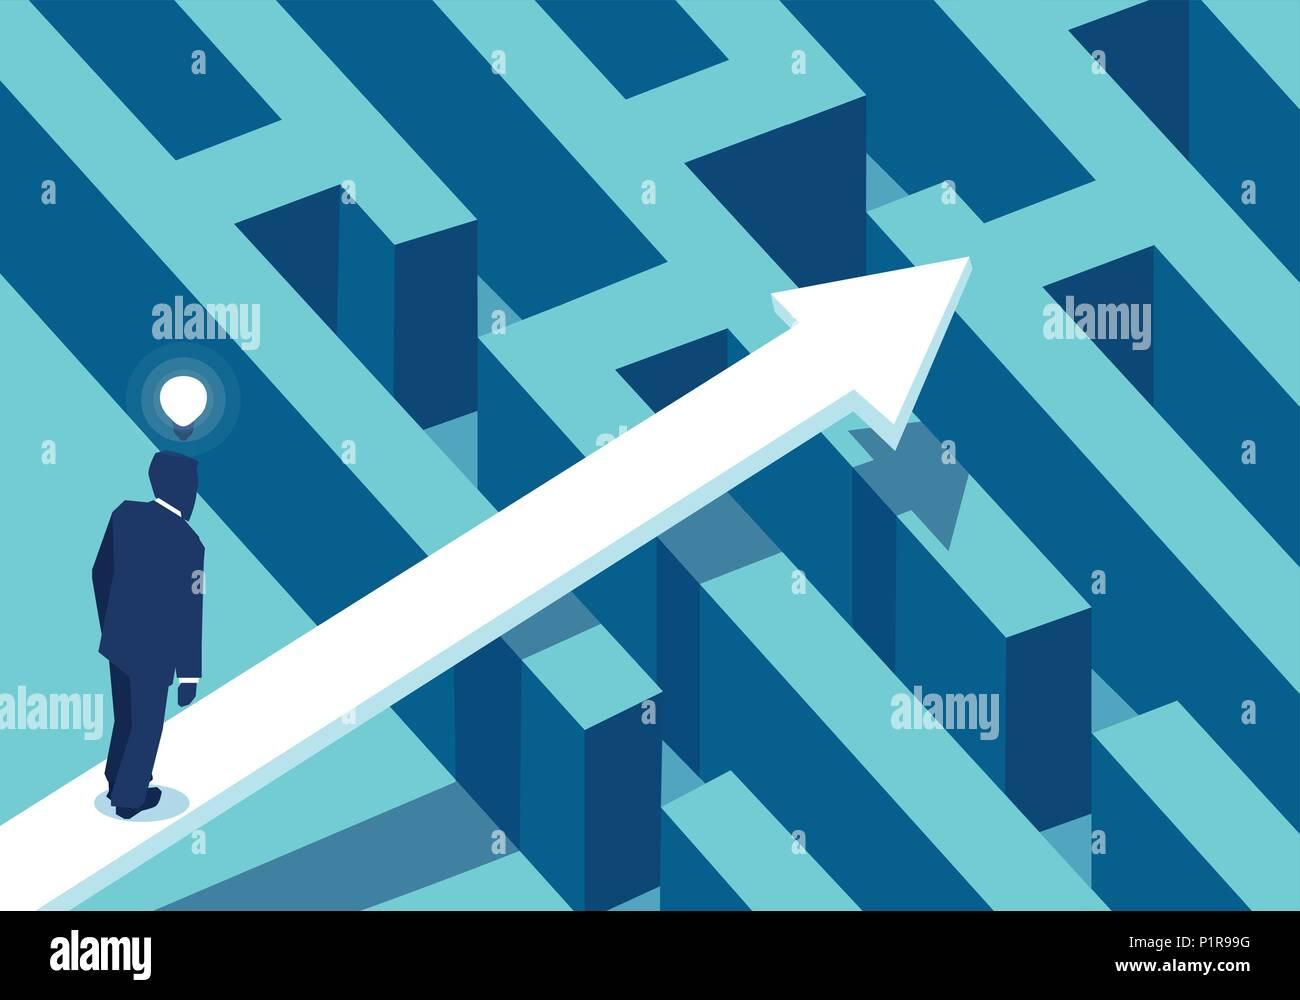 Vector illustration of businessman dans la perplexité, debout près de la flèche suivant labyrinthe à succès. Photo Stock